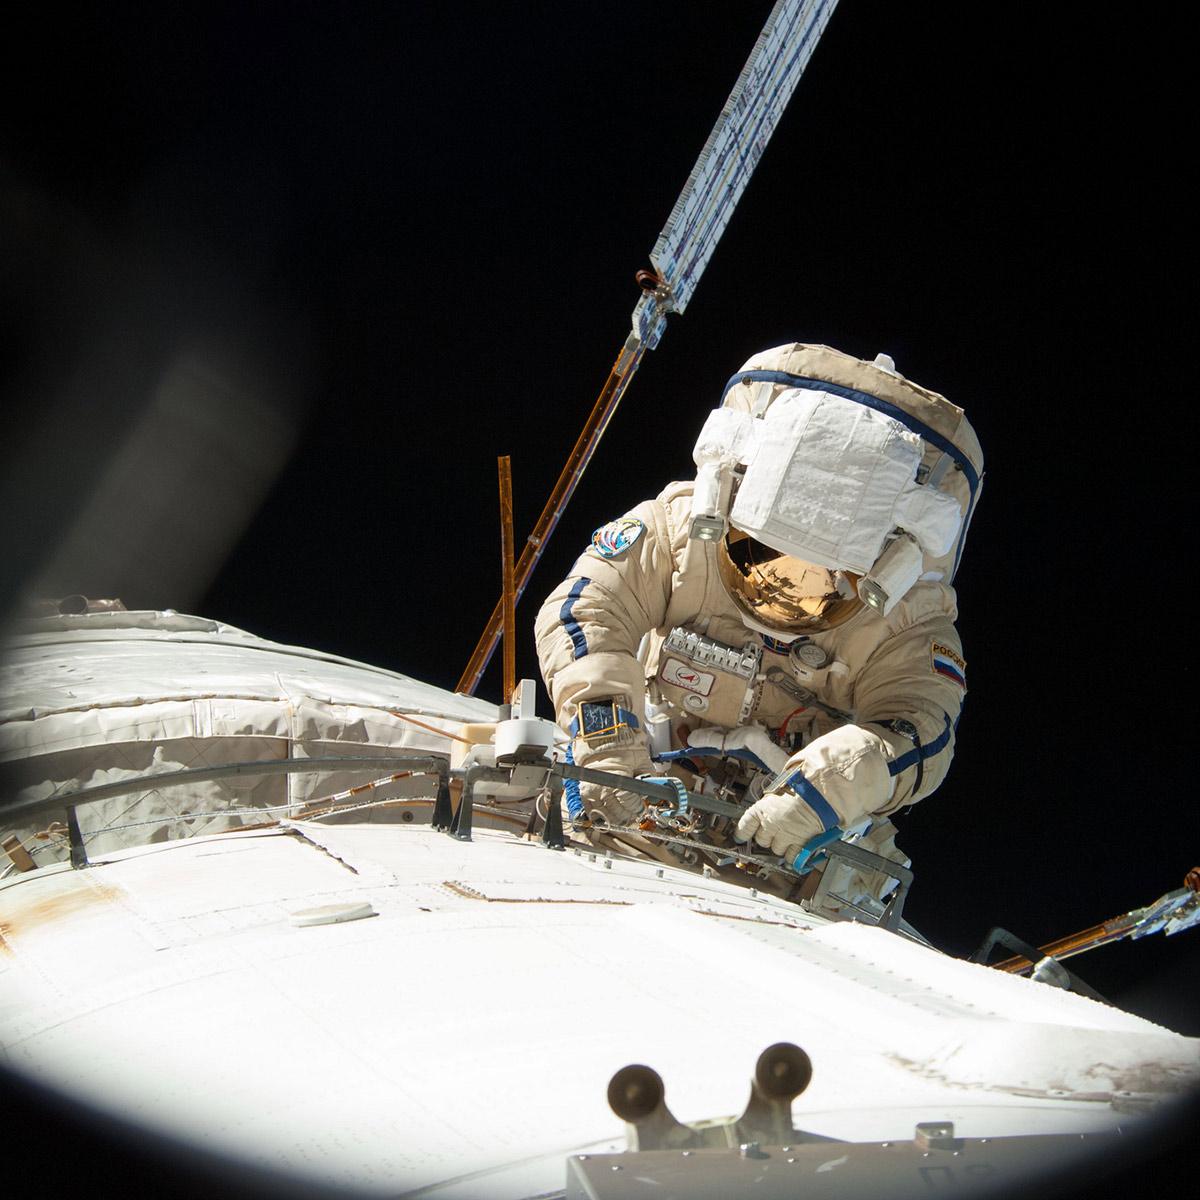 cosmonaut alexander misurkin spacewalk